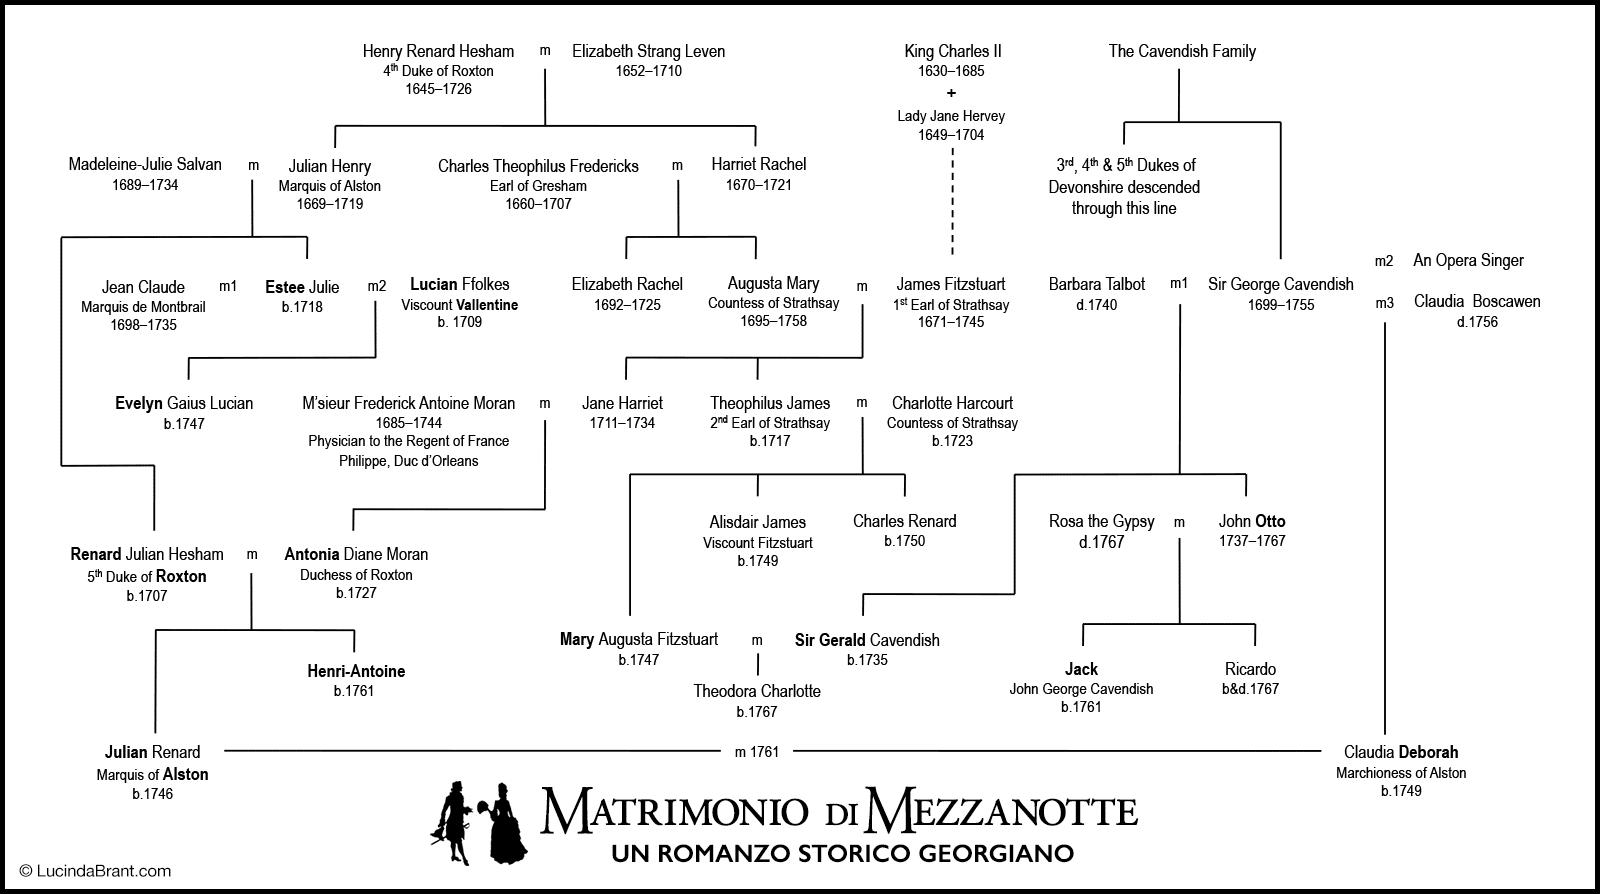 matrimonio-di-mezzanotte-albero-genealogico.png